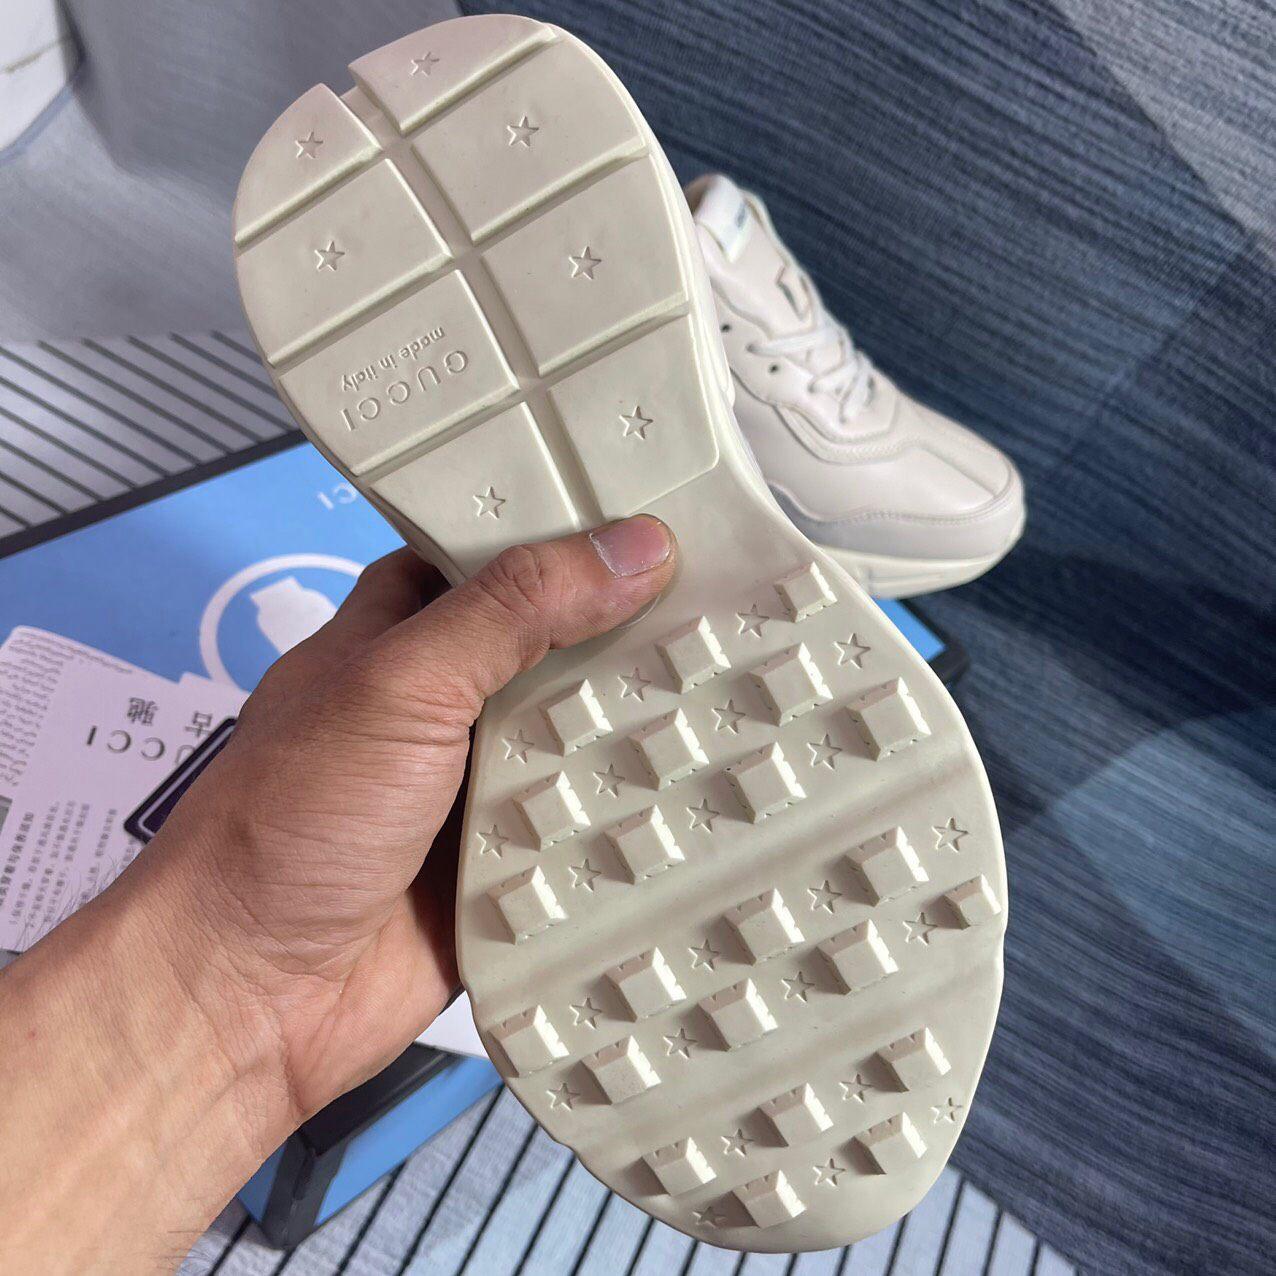 đế giày gucci rhyton logo chunky